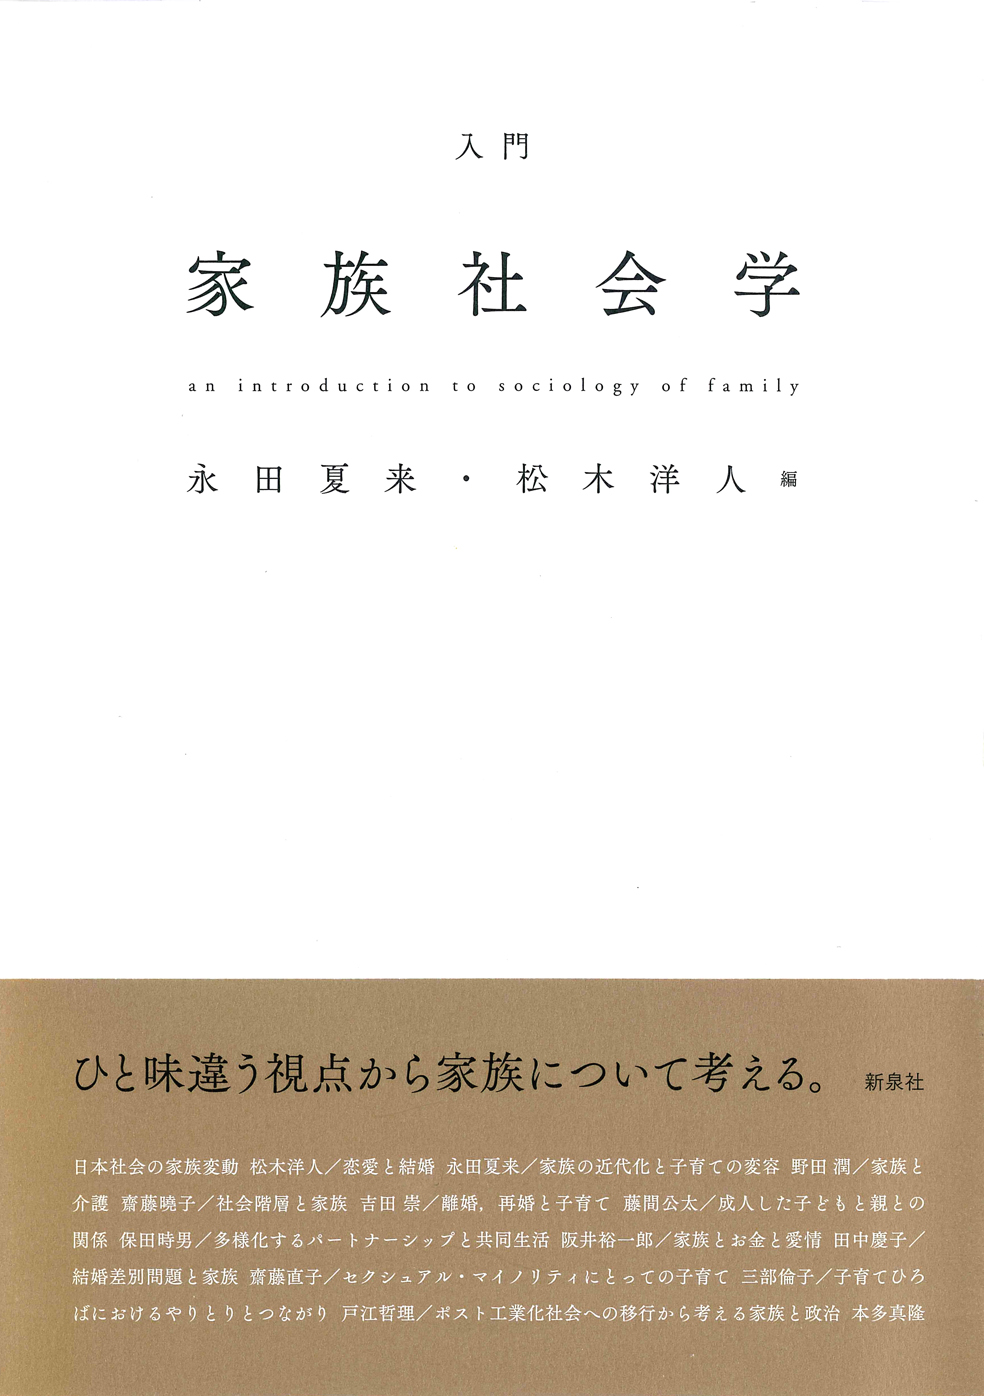 入門 家族社会学